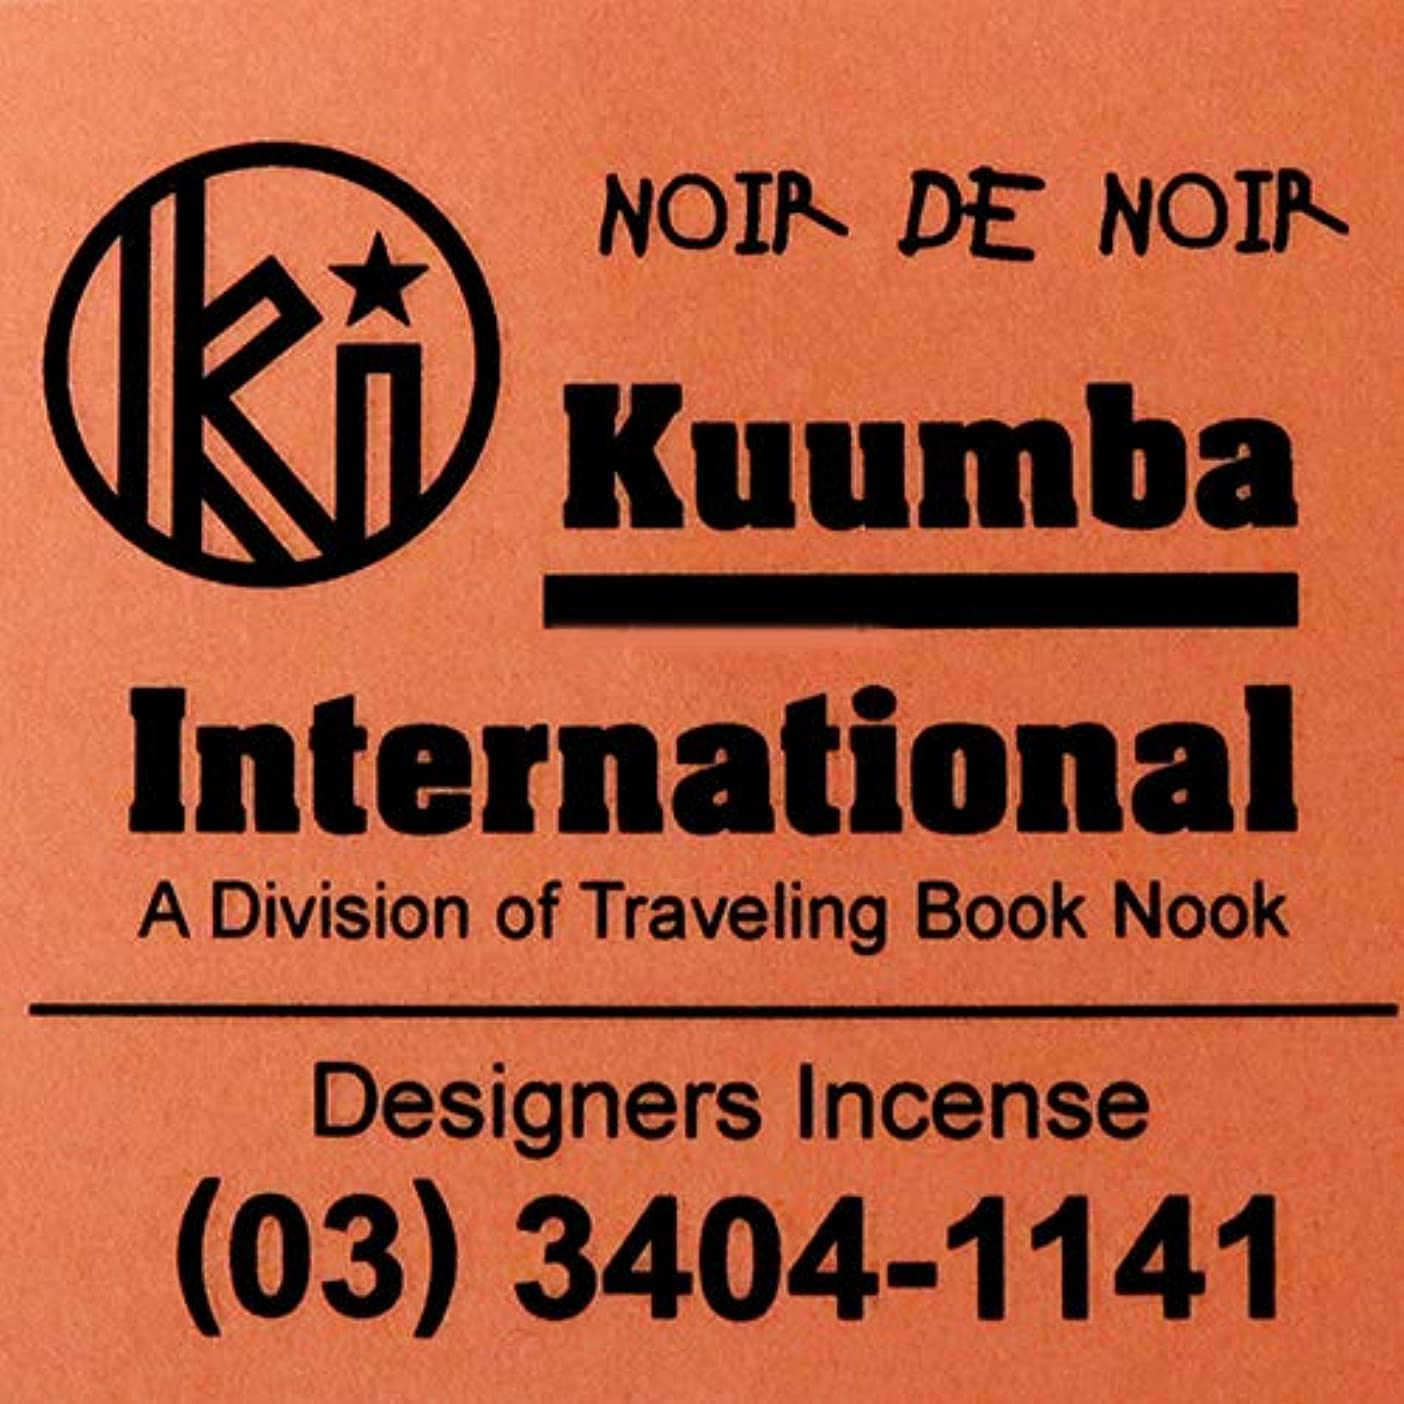 先見の明ダイバー推進(クンバ) KUUMBA『incense』(NOIR DE NOIR) (NOIR DE NOIR, Regular size)